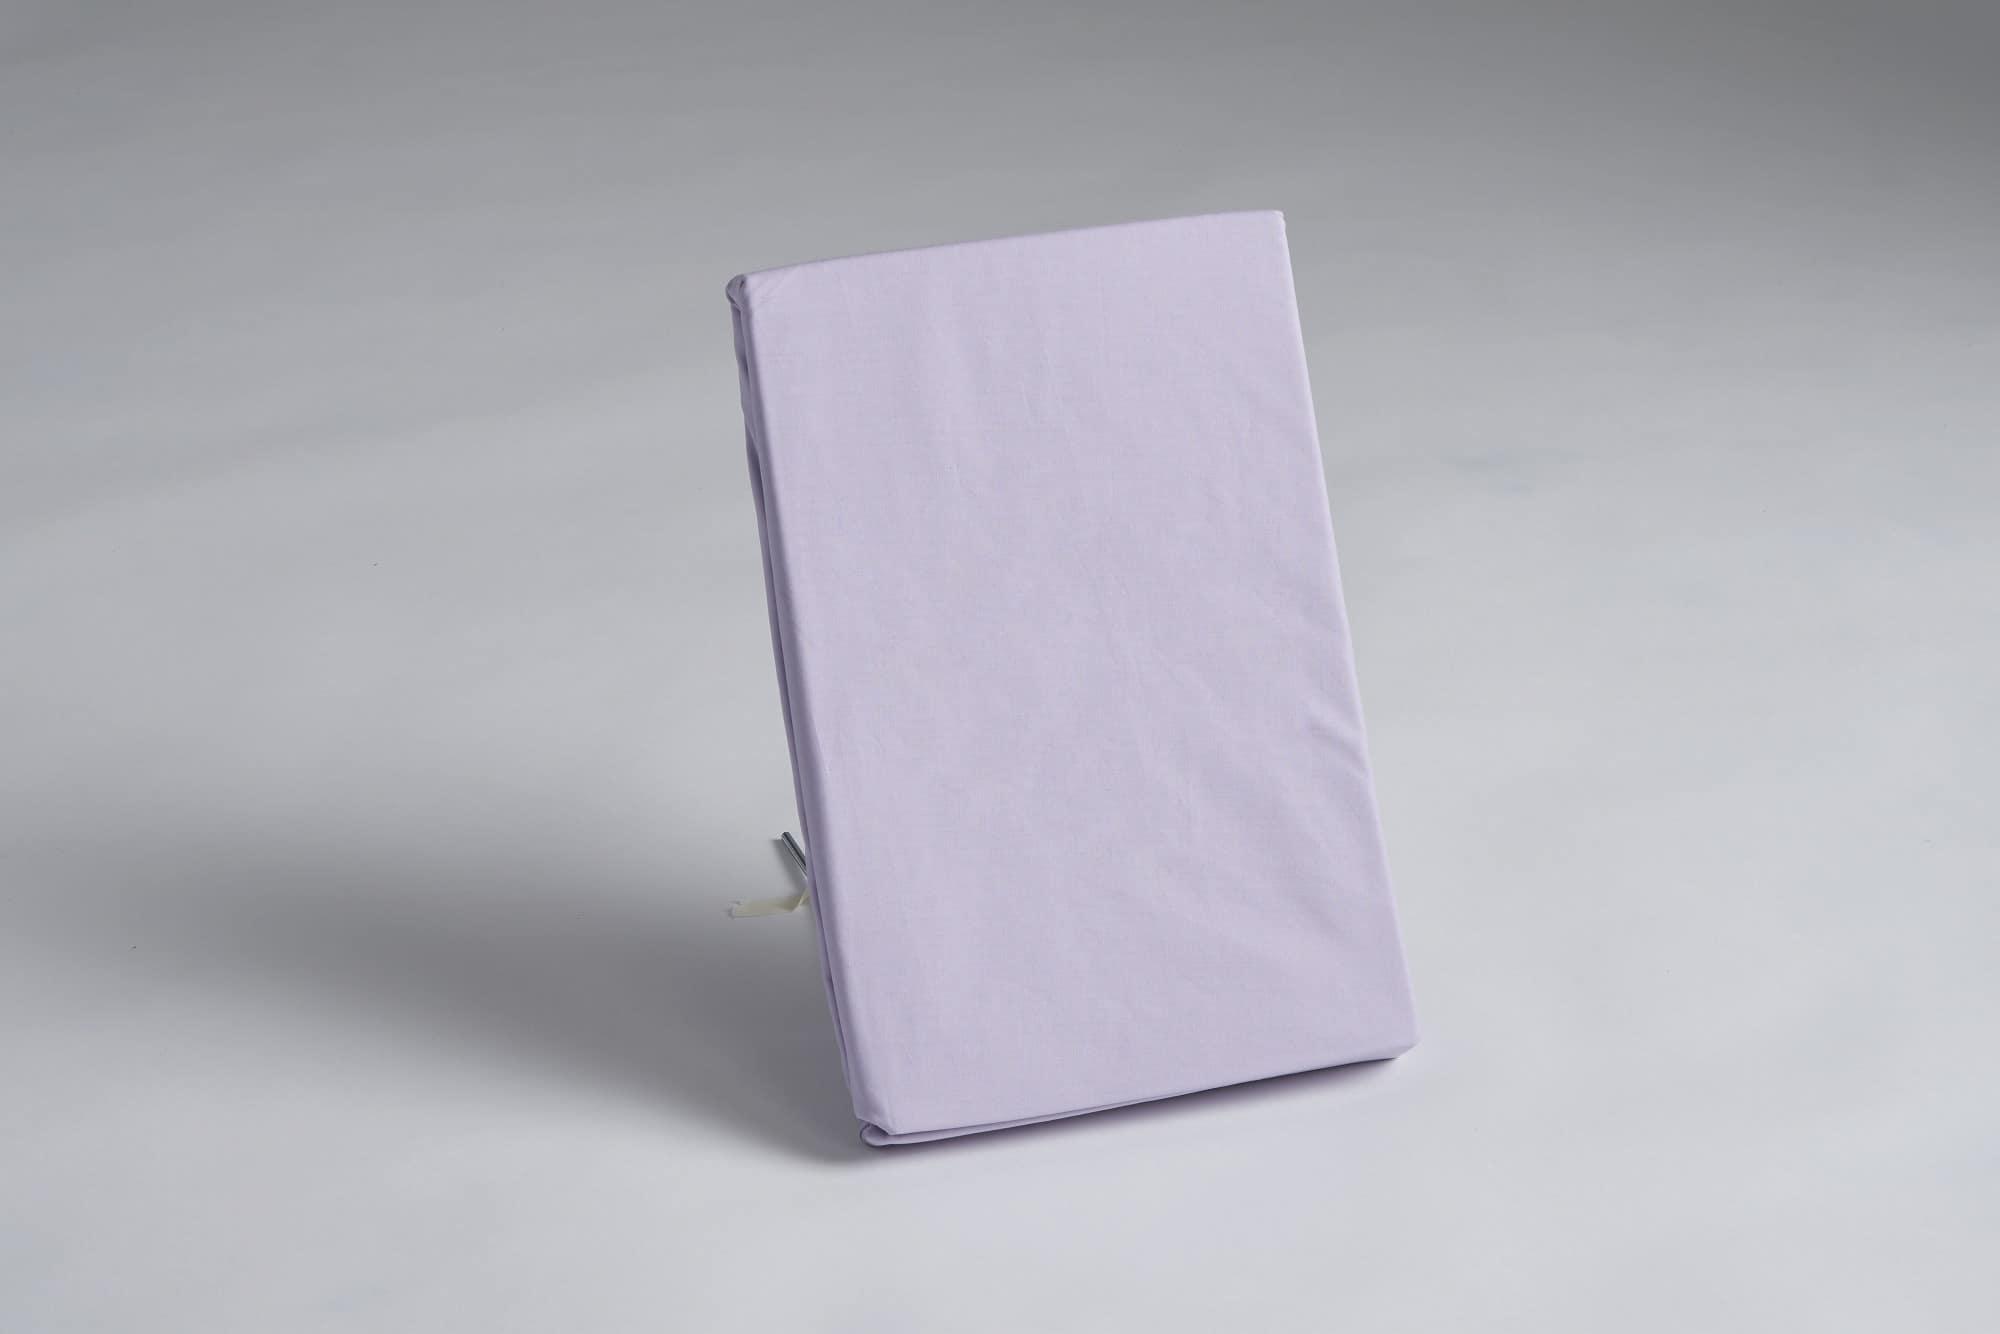 ボックスシーツ クイーン2用 30H パープル:《綿100%を使用したボックスシーツ》